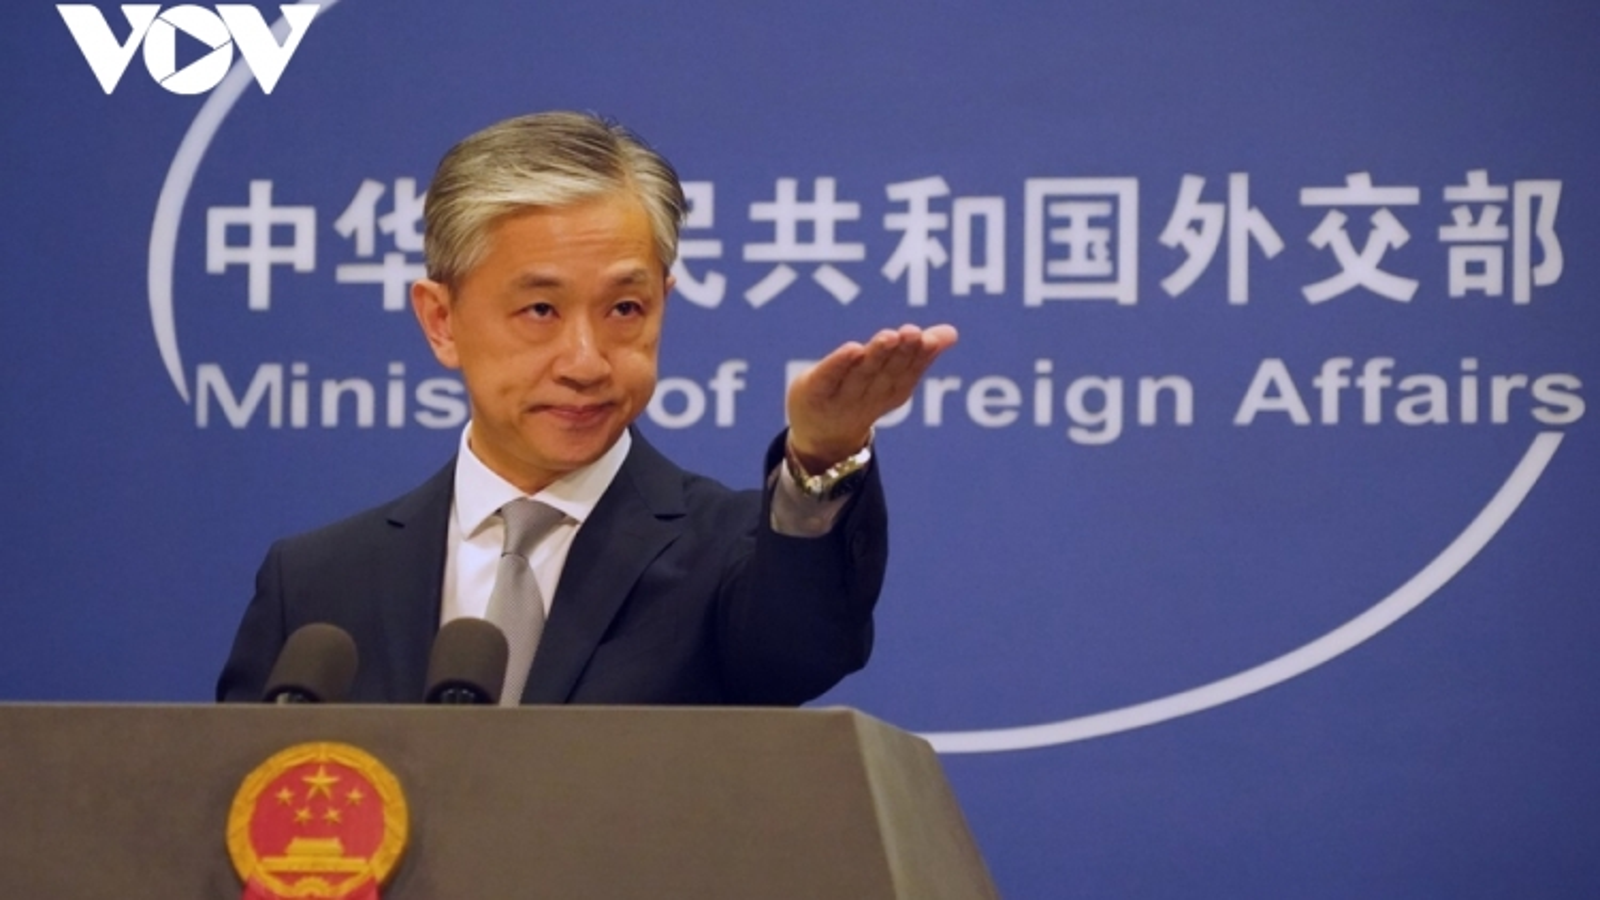 Trung Quốc kêu gọi các bên ở Myanmar giải quyết ổn thỏa bất đồng